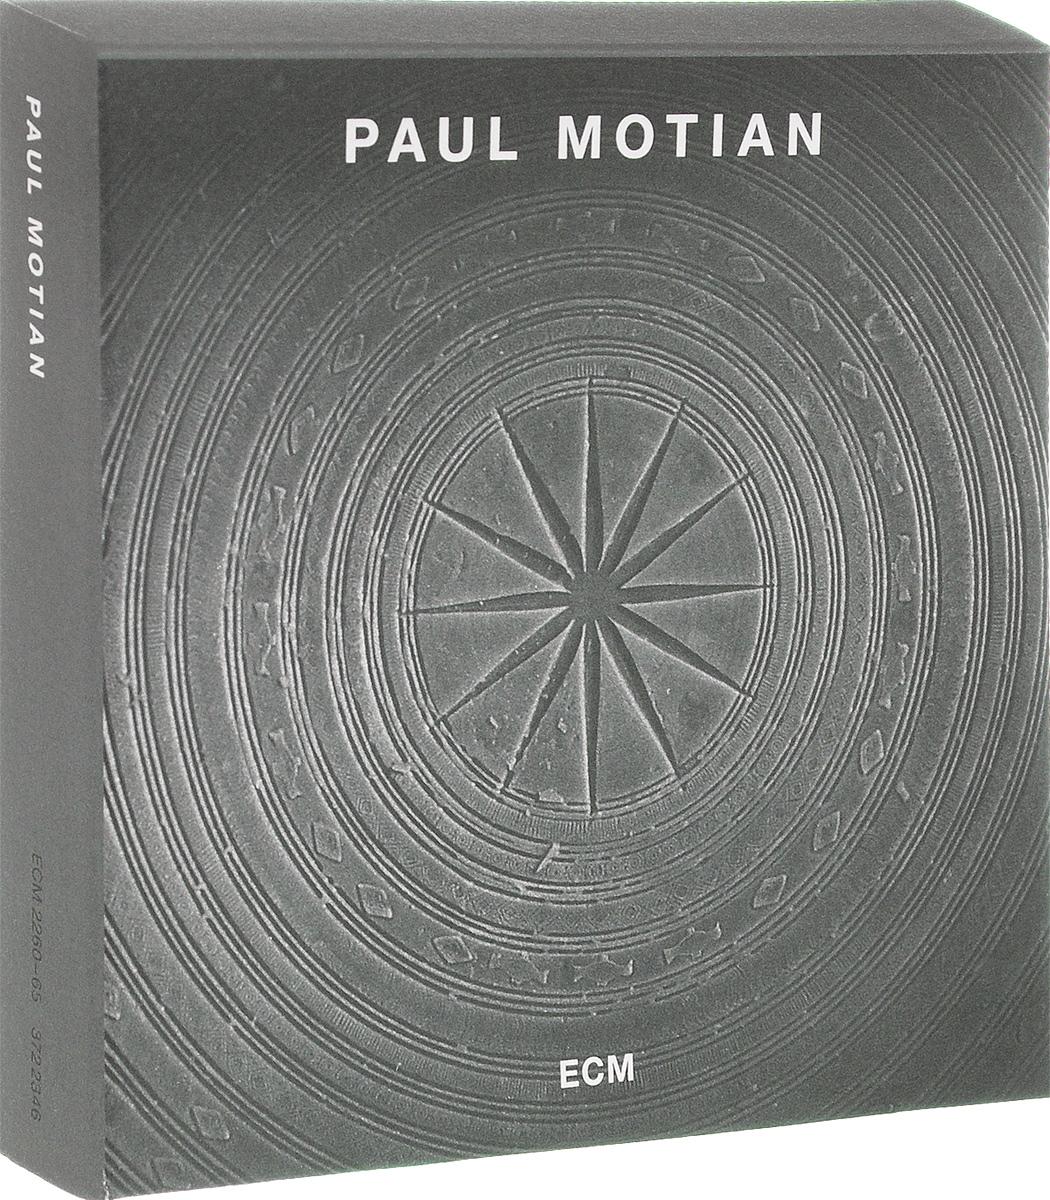 К изданию прилагается 52-страничный буклет с фотографиями, списком треков и дополнительной информацией на английском языке.